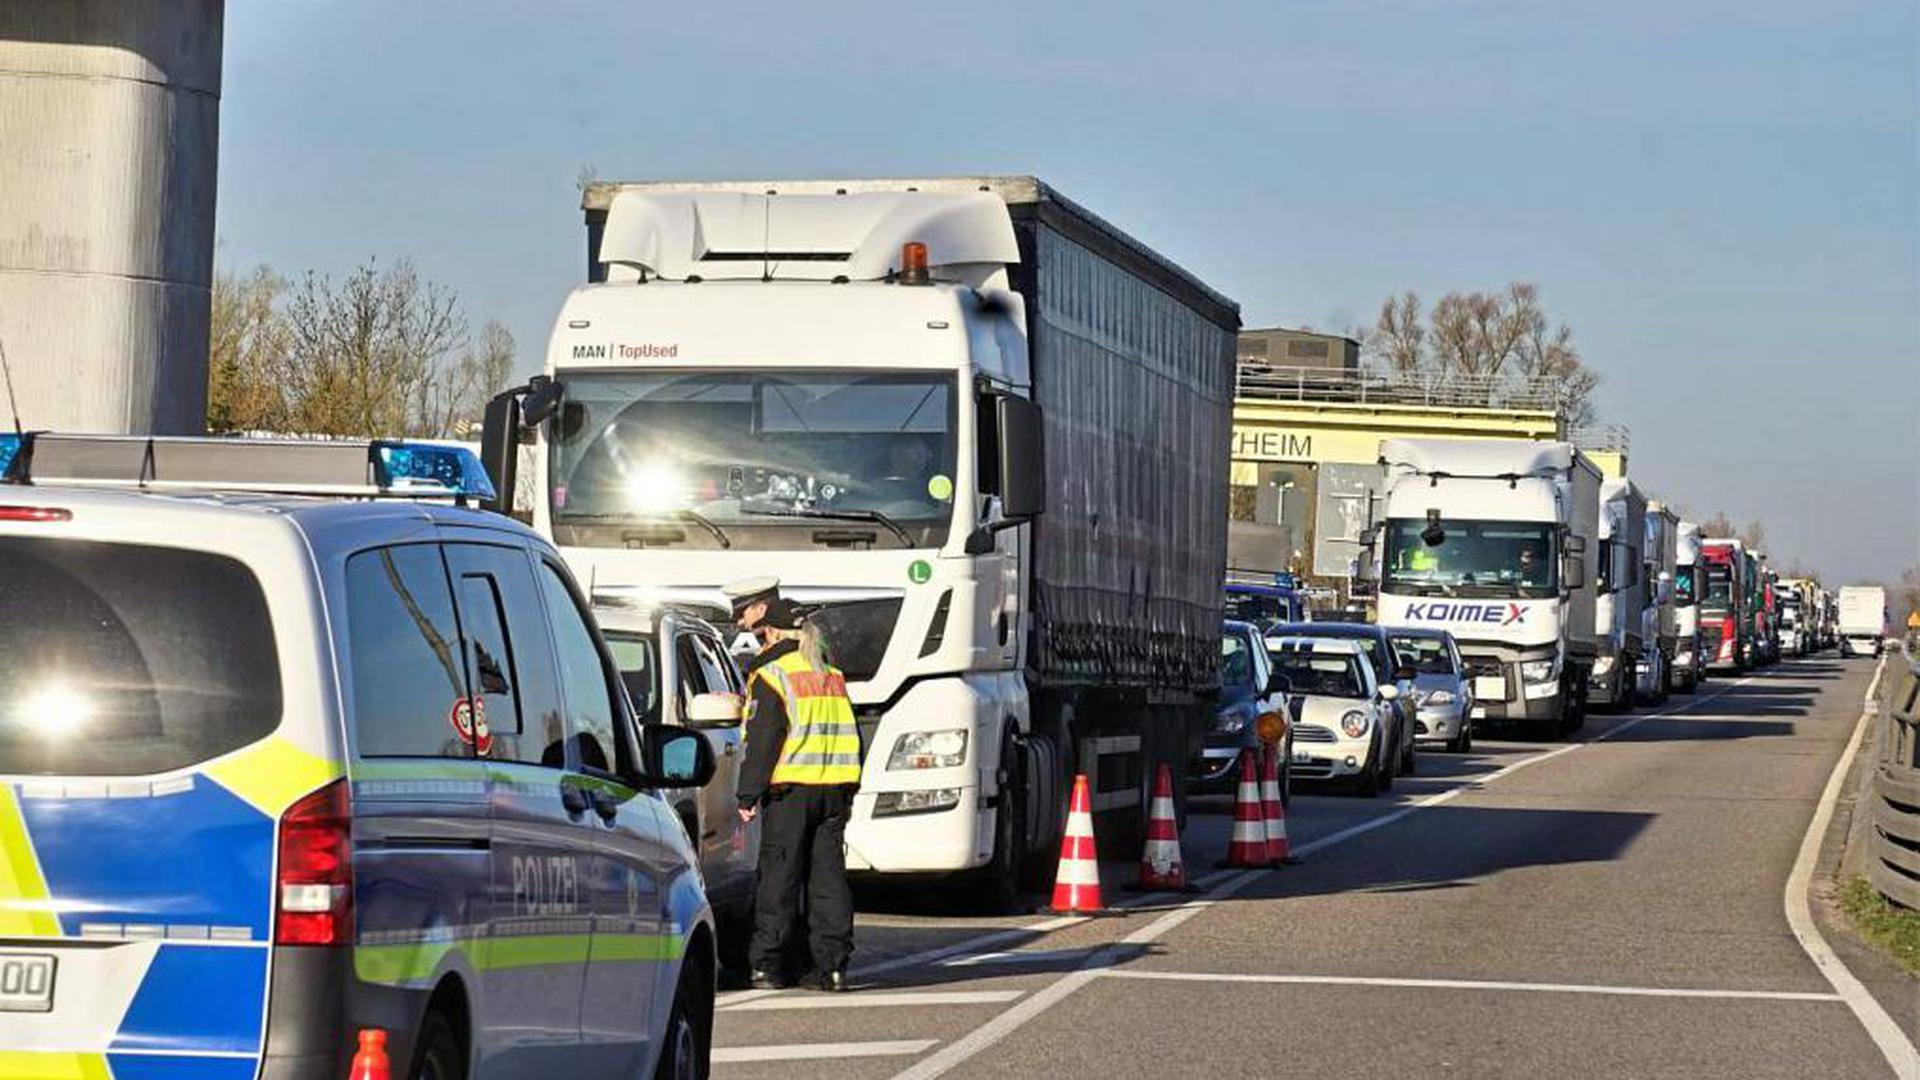 Eine schier endlos lange Schlange: Seitdem die Bundespolizei an der Grenze kontrolliert, müssen sich die Verkehrsteilnehmer an der Staustufe Iffezheim in Geduld üben.